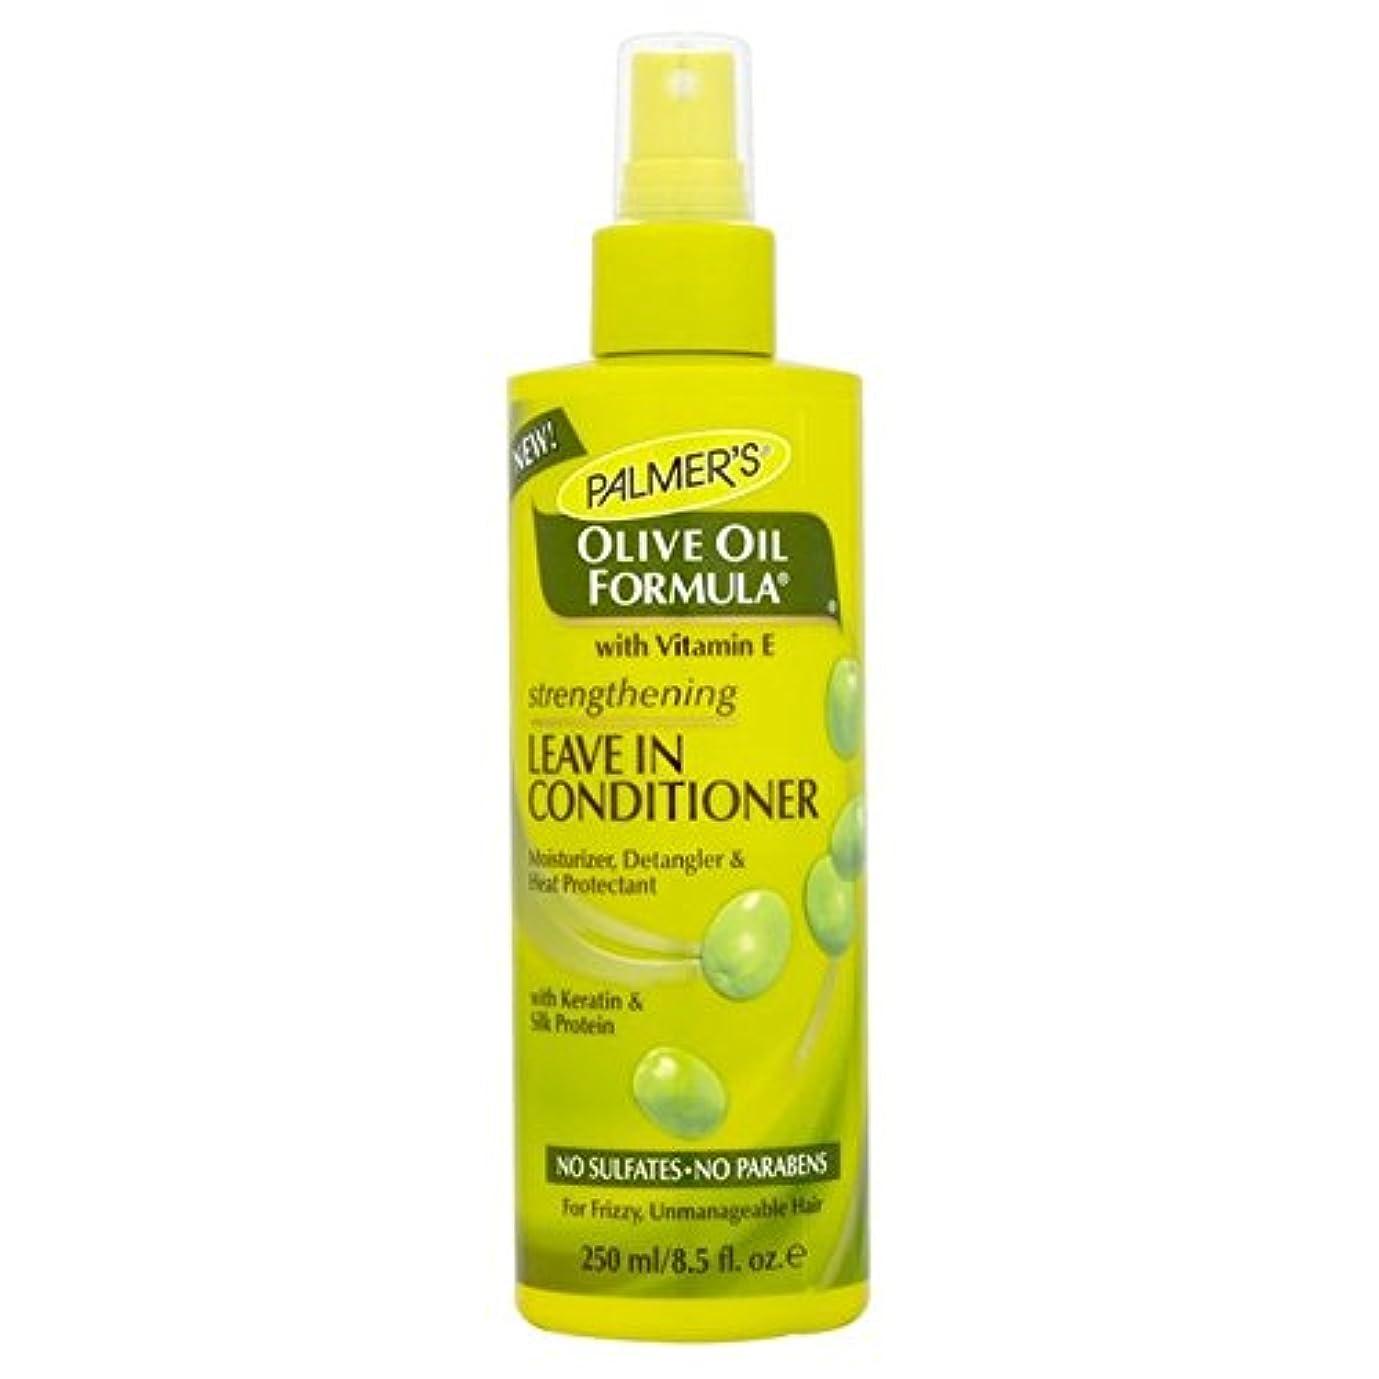 表向きコークス純正Palmer's Olive Oil Formula Strengthening Leave-in Conditioner 250ml - リーブインコンディショナー250を強化パーマーのオリーブオイル式 [並行輸入品]